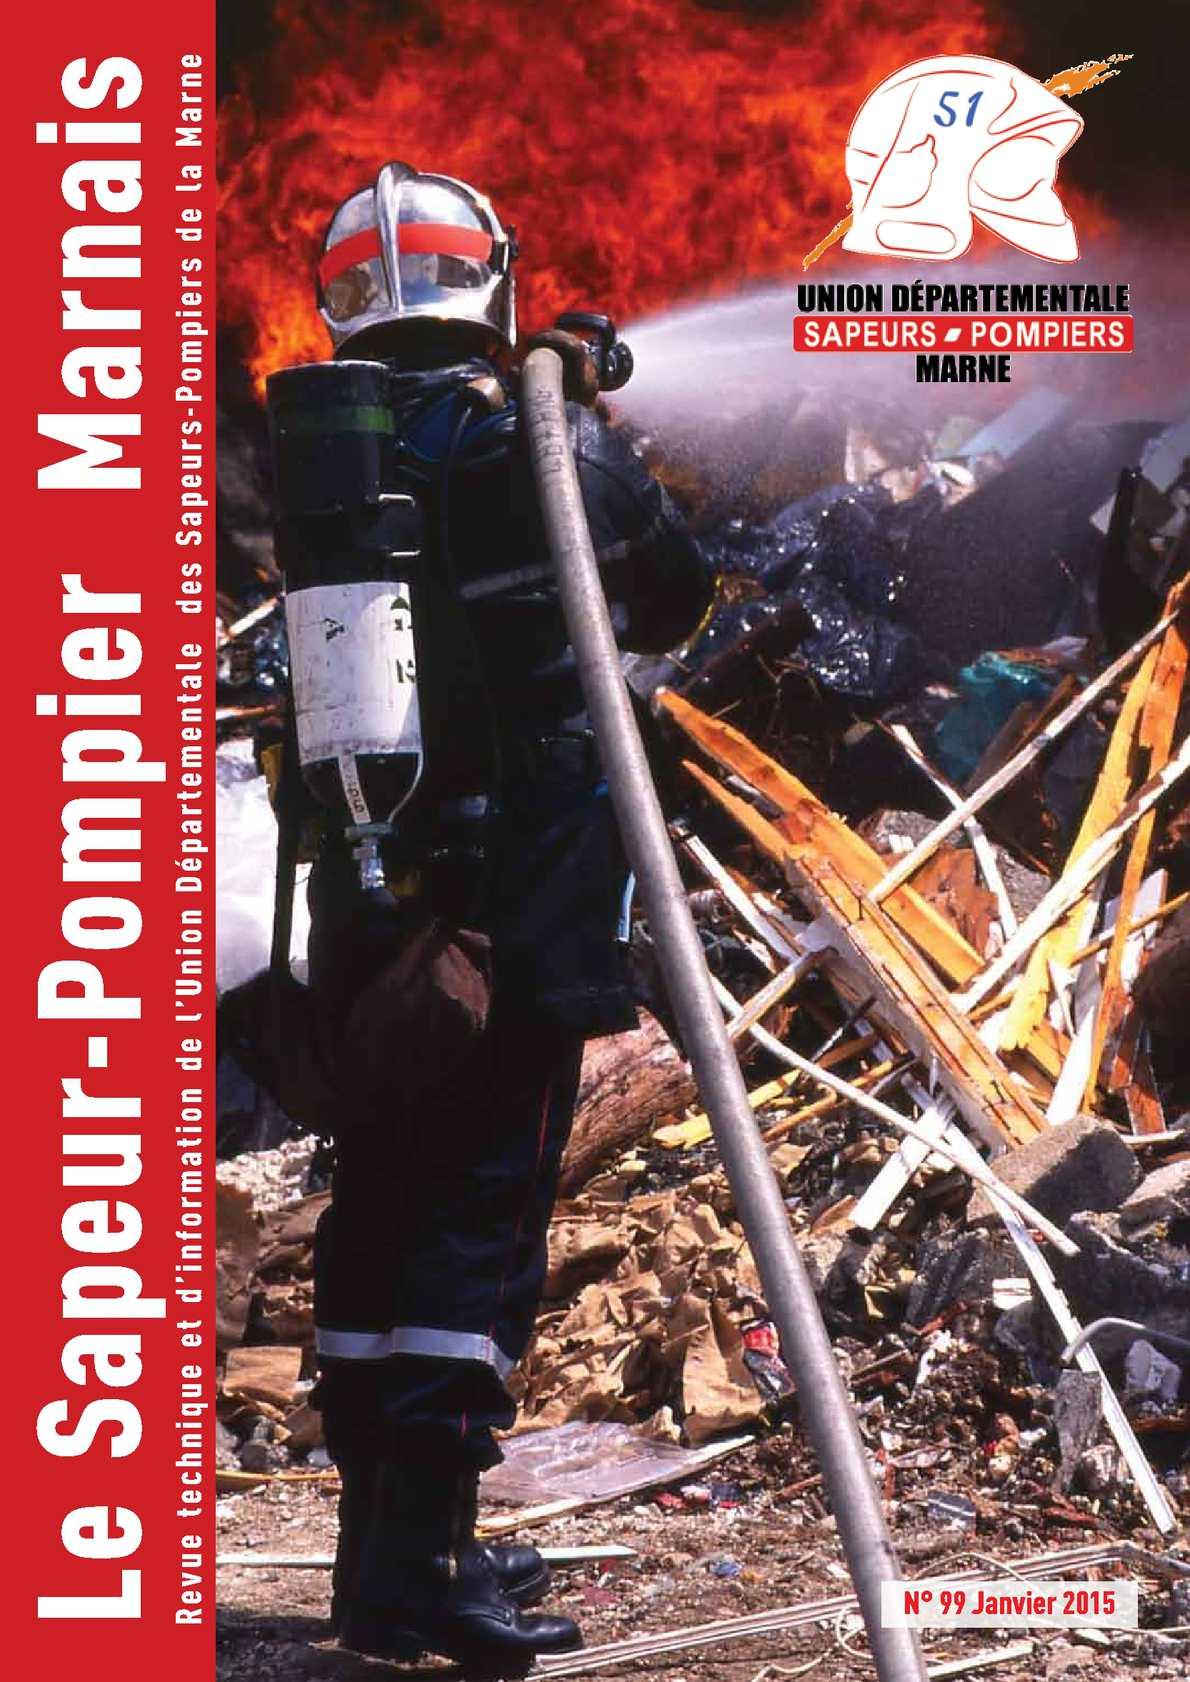 Calam o le sapeur pompier marnais n 99 janvier 2015 - Grille indiciaire adjudant sapeur pompier professionnel ...